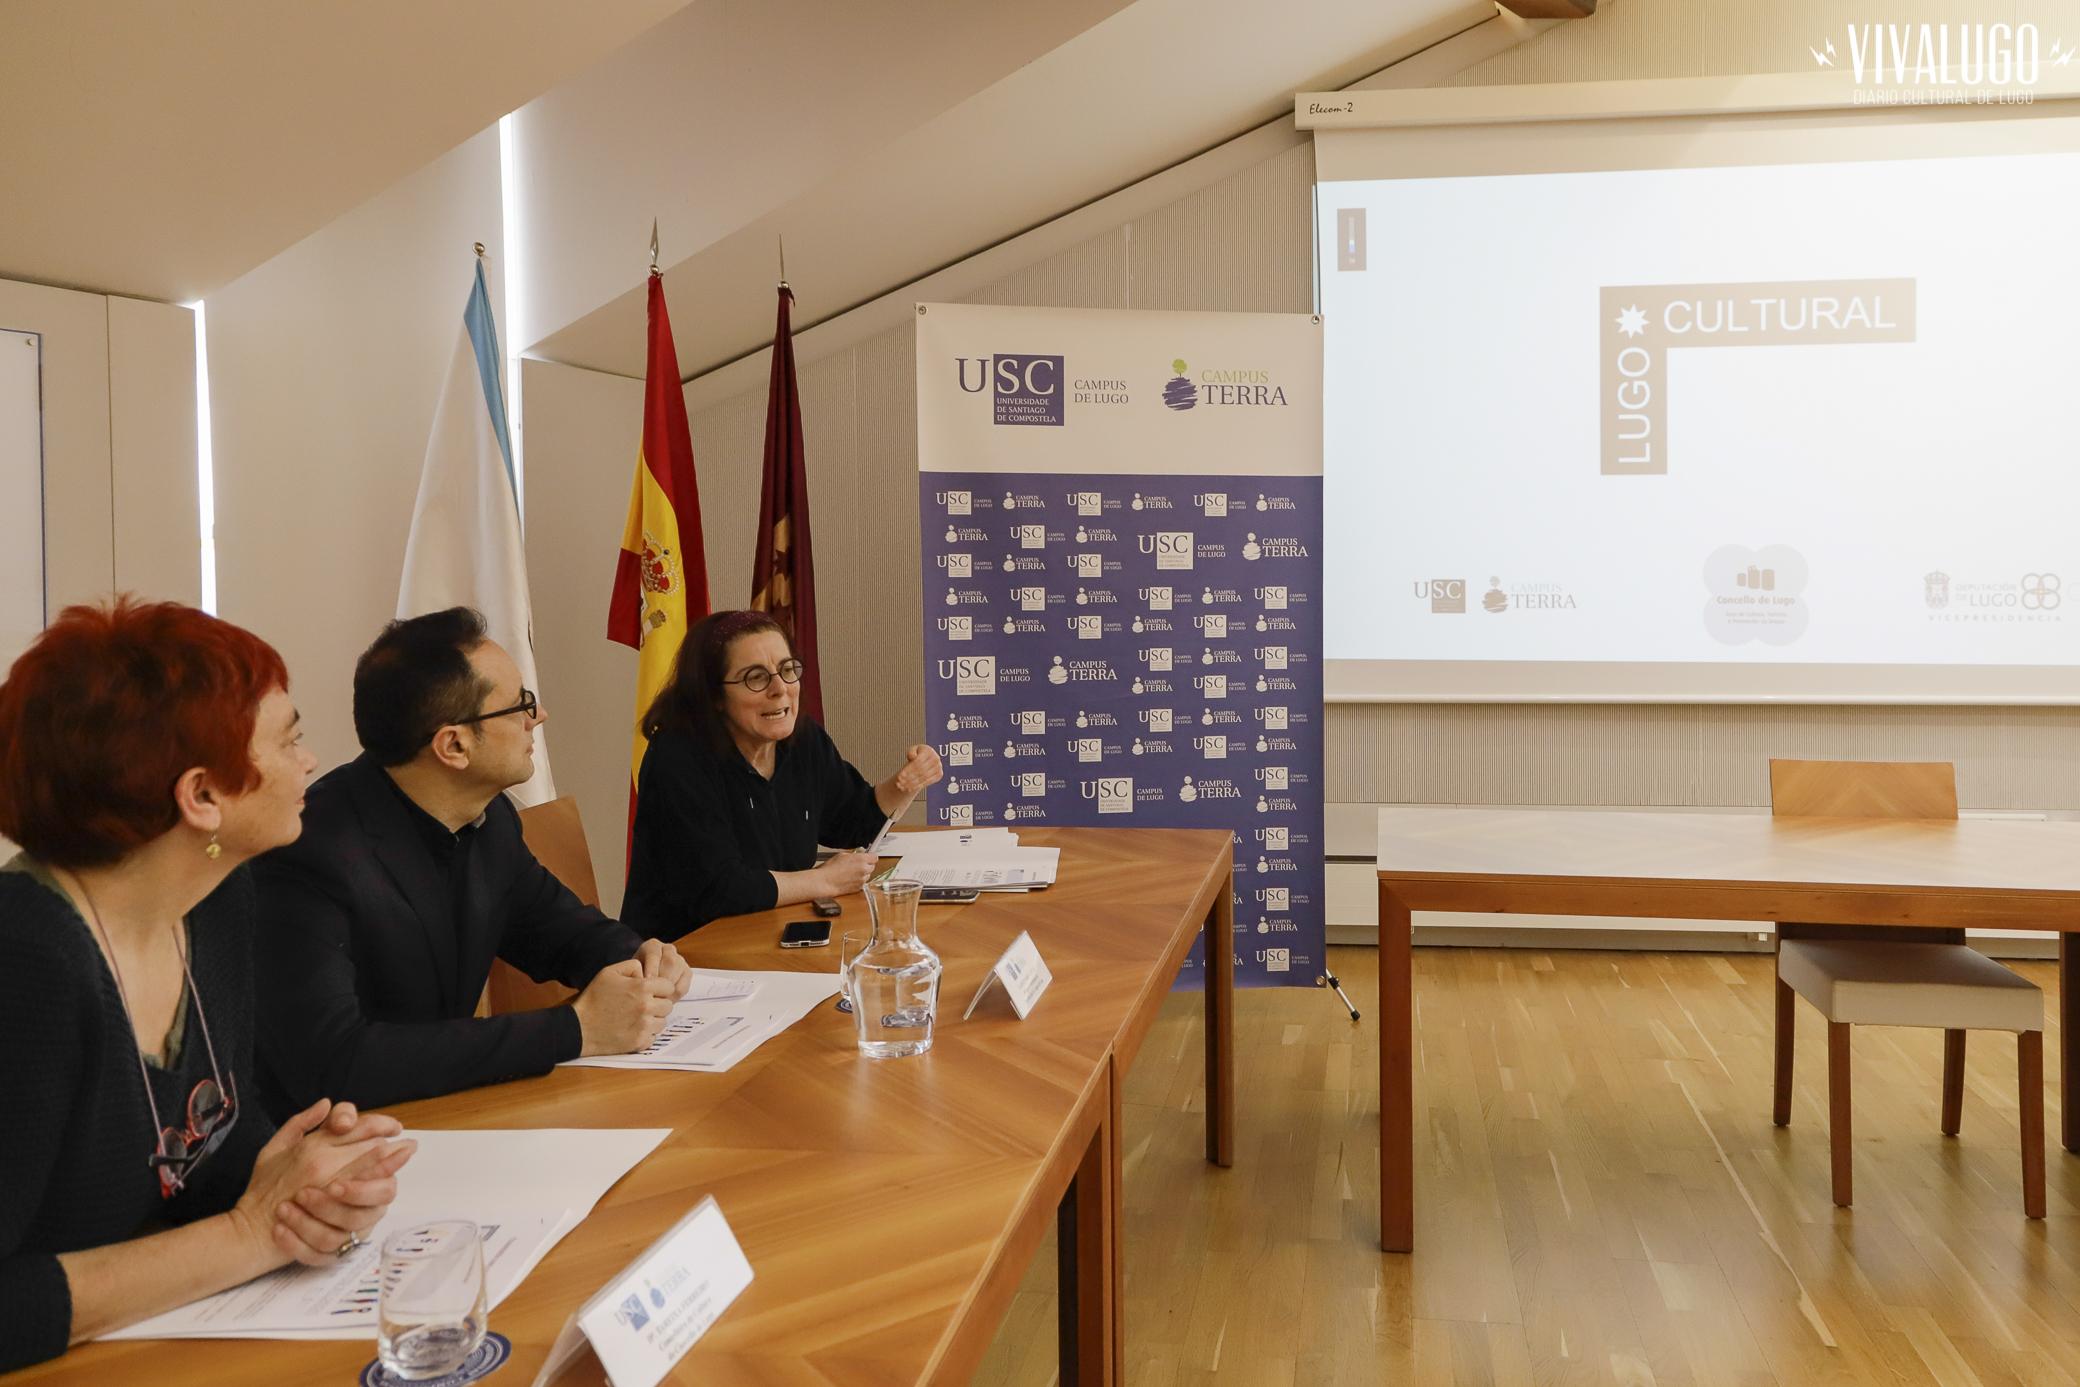 Lugo cultural - presentación aos medios